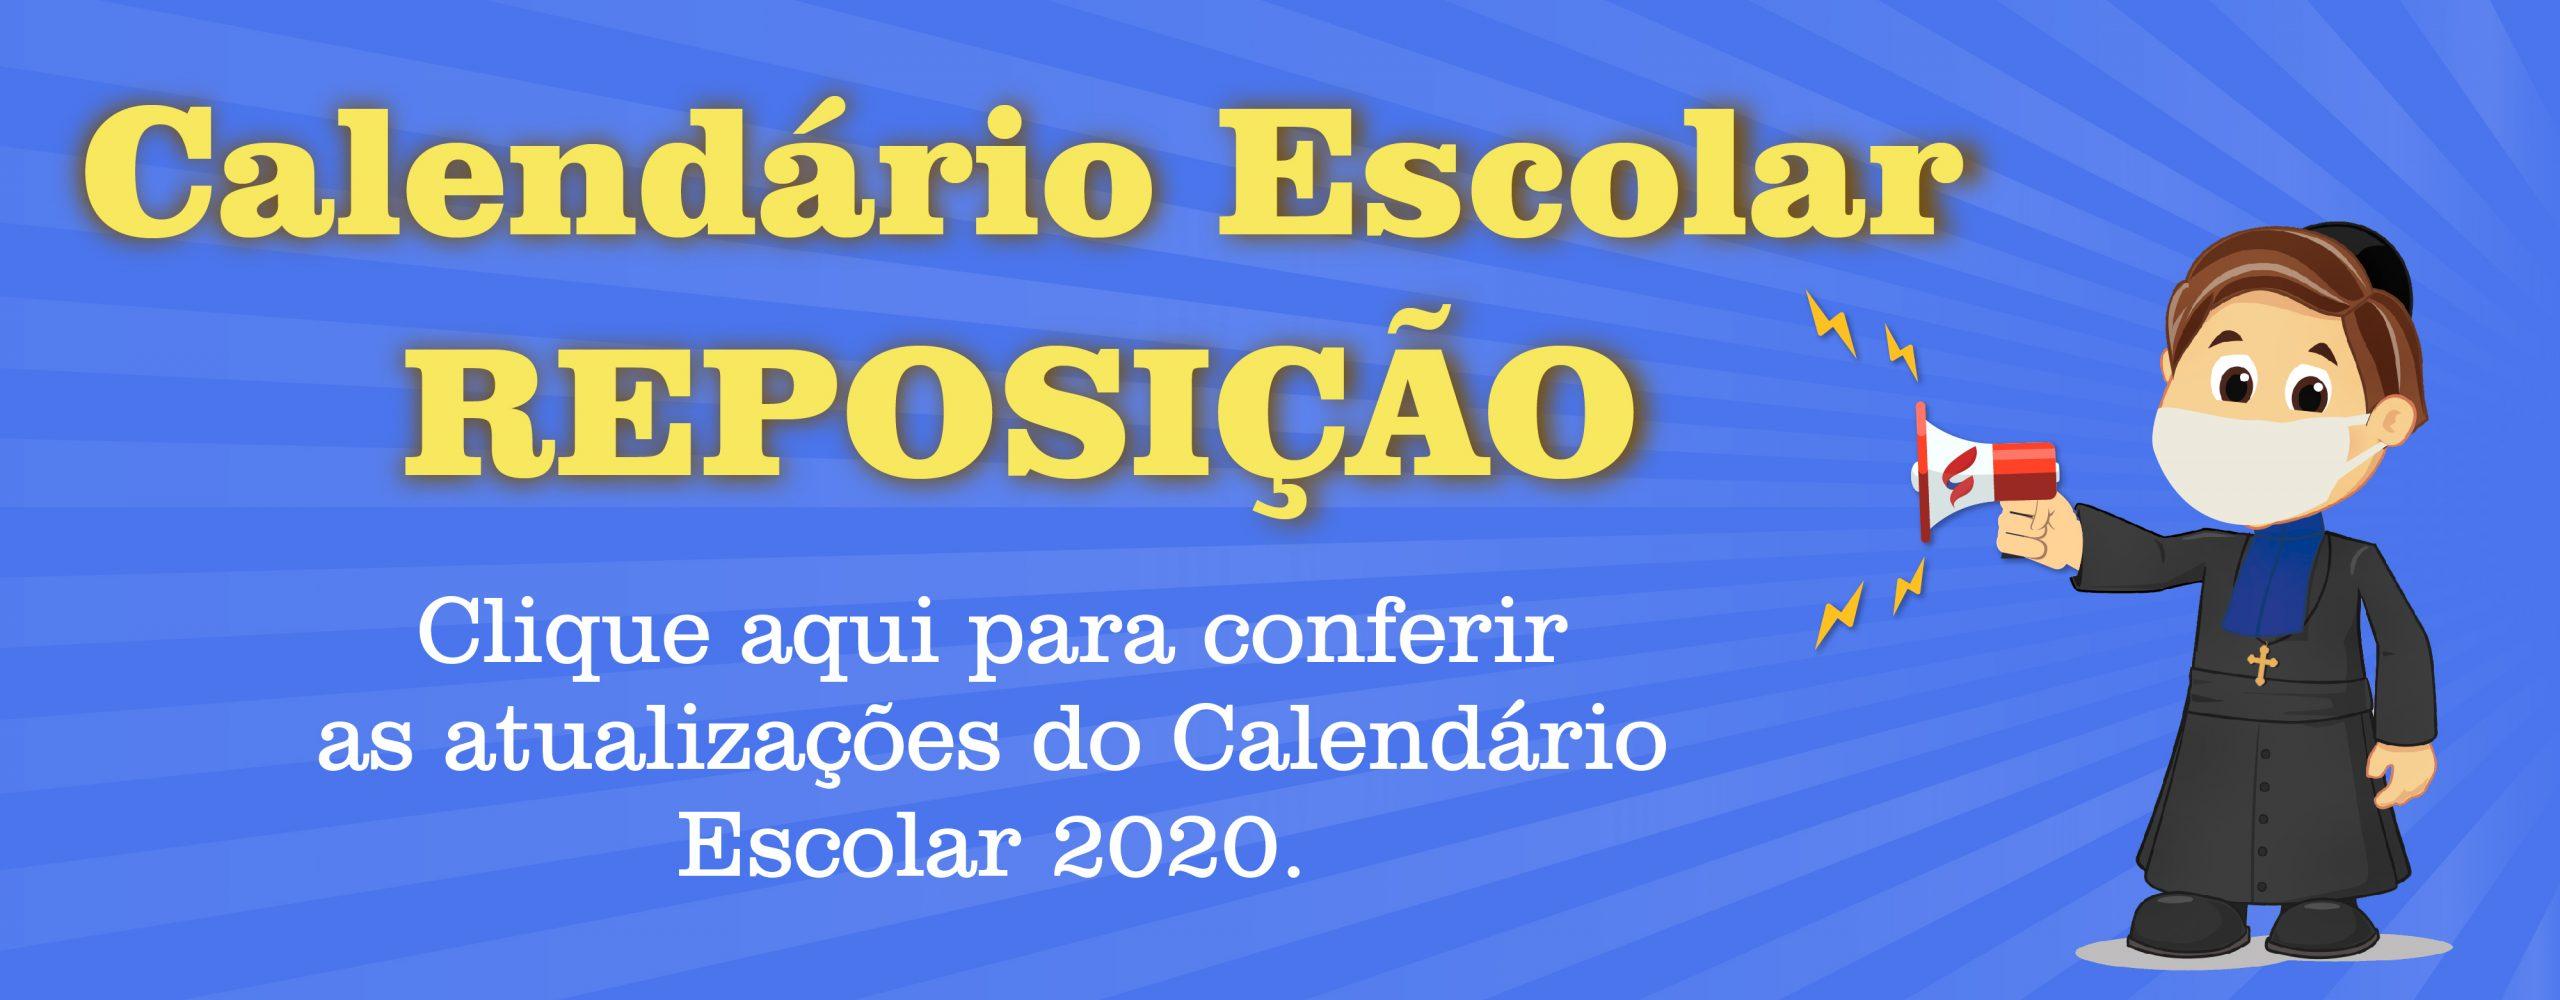 http://safa.com.br/site/wp-content/uploads/2020/04/Calendario-reposição-03-scaled.jpg